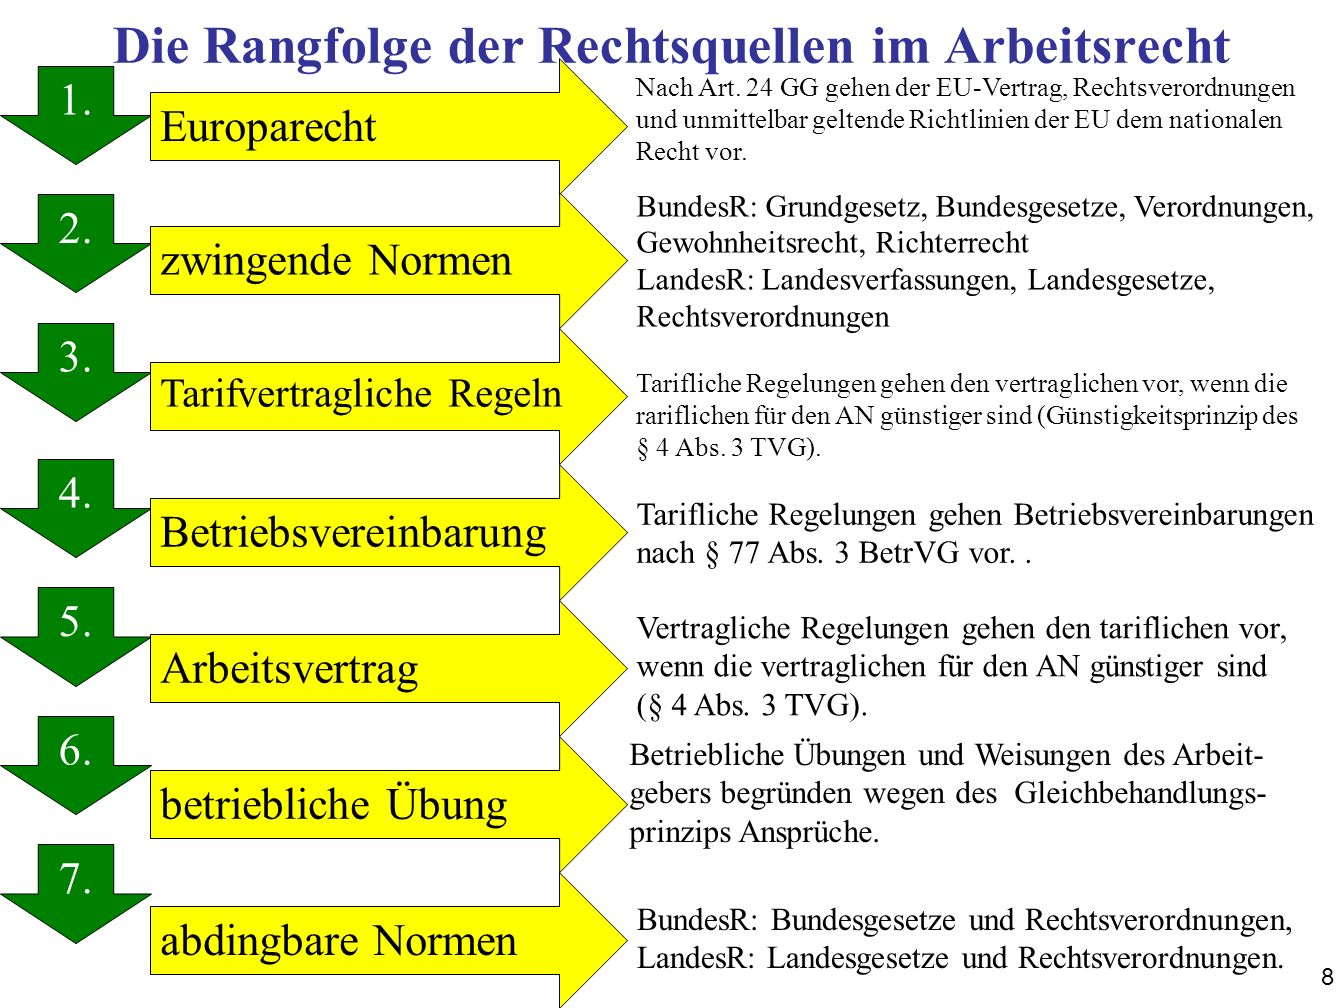 9 Die Rangfolge der Normen (Normenpyramide) EU-Recht Verfassungsrecht Zwingende Regelungen in Bundesgesetzen wie zum Beispiel BGB, KSchG, TzBfG, TVG, BetrVG, ArbGG Zwingende Regelungen in Rechtsverordnungen (VO), Gewohnheitsrecht und Richterrecht an Stelle von Gesetzen tarifvertragliche Regelungen (§ 4 Absatz 3 TVG), soweit günstiger als der Arbeitsvertrag, Betriebsvereinbarungen (§ 77 Abs.